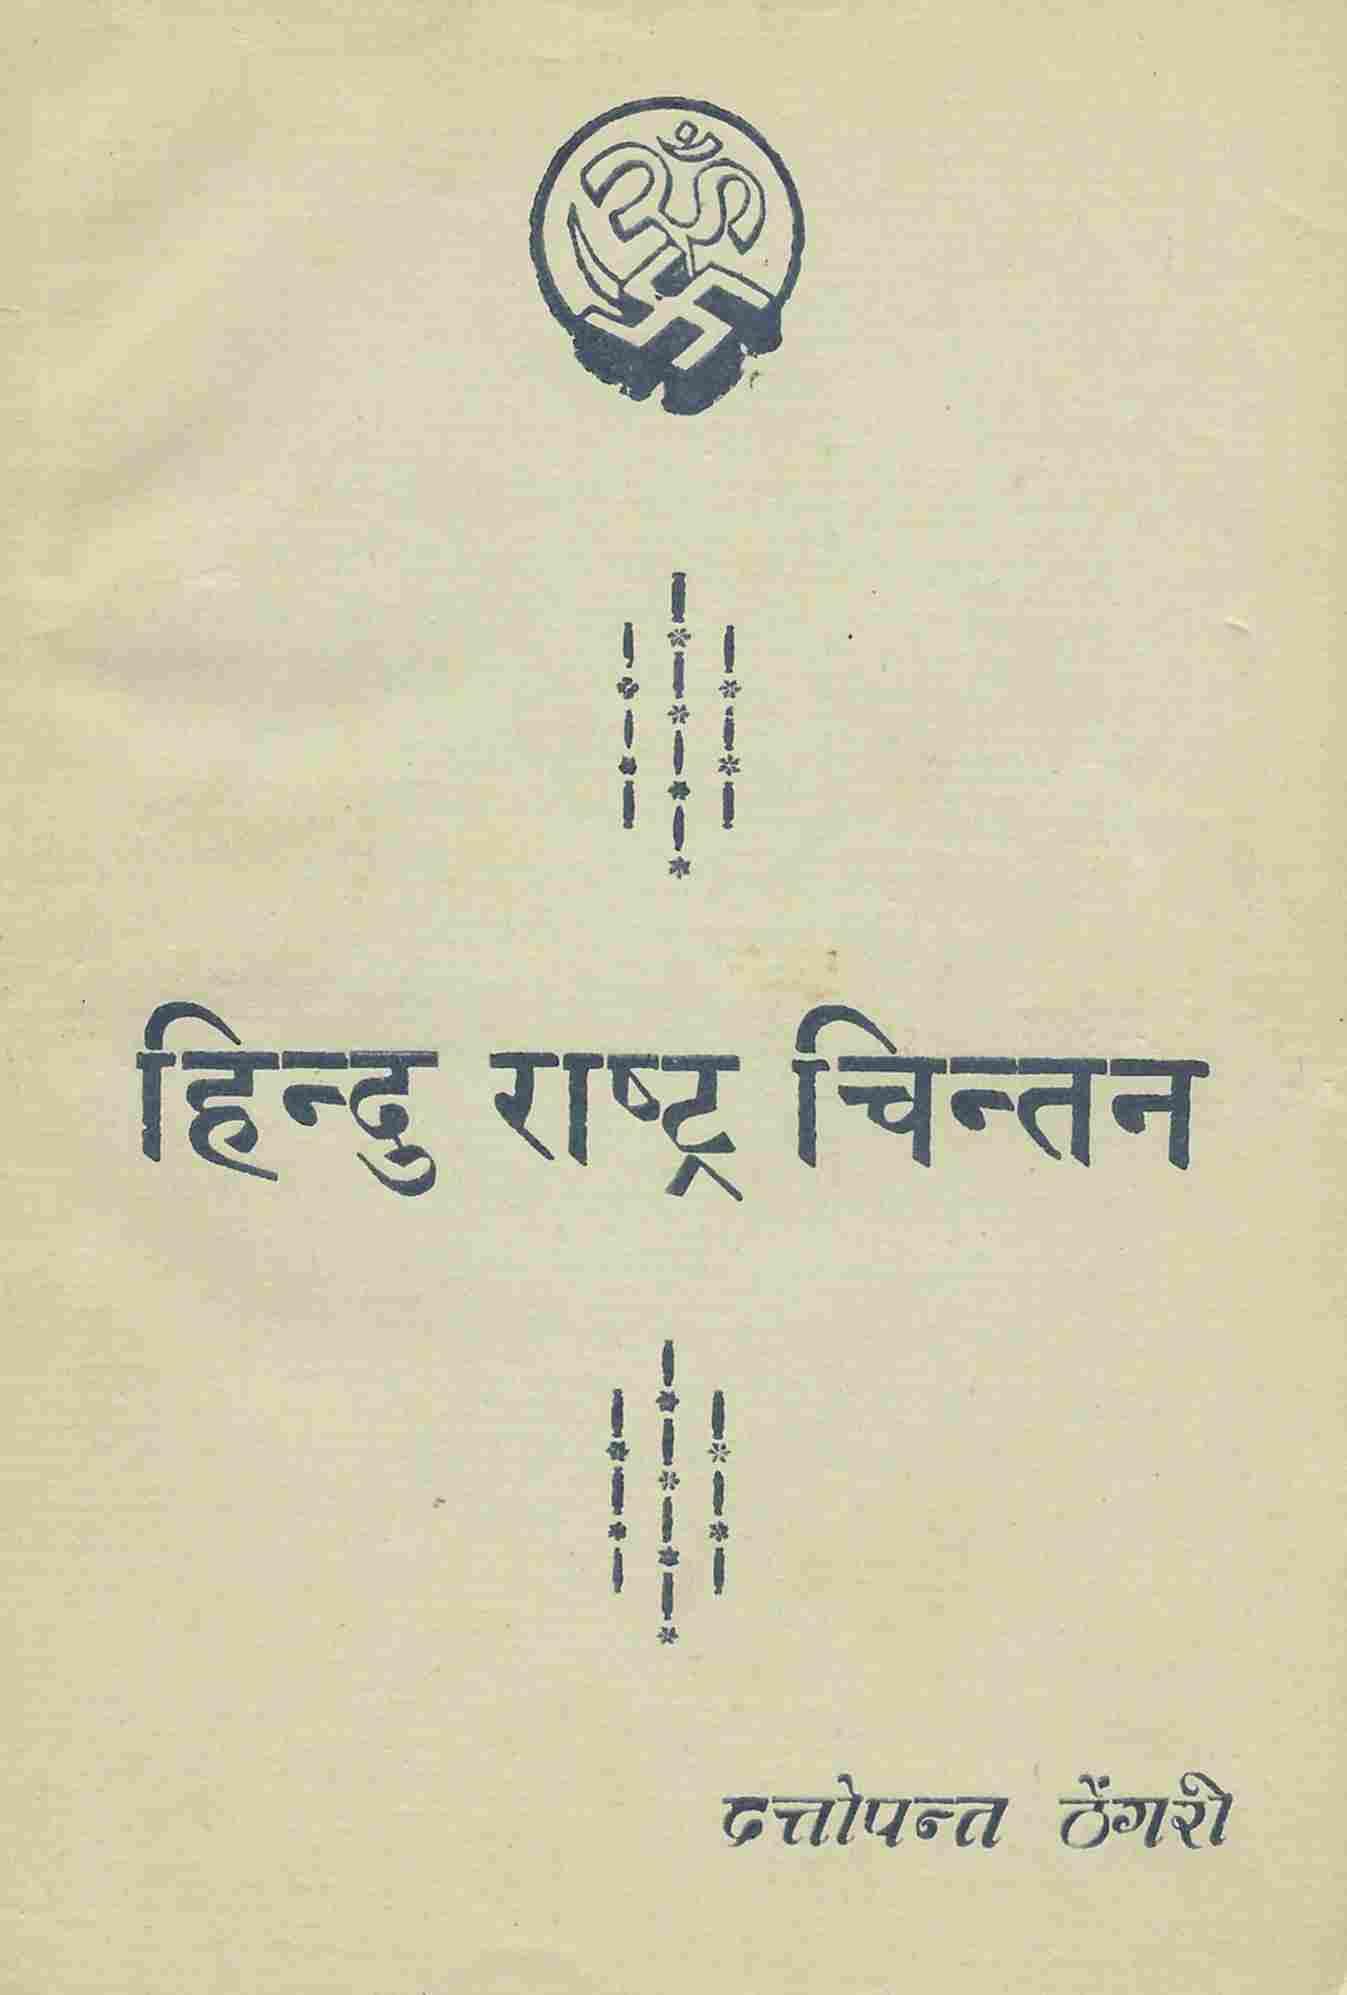 हिन्दू राष्ट्र चिन्तन